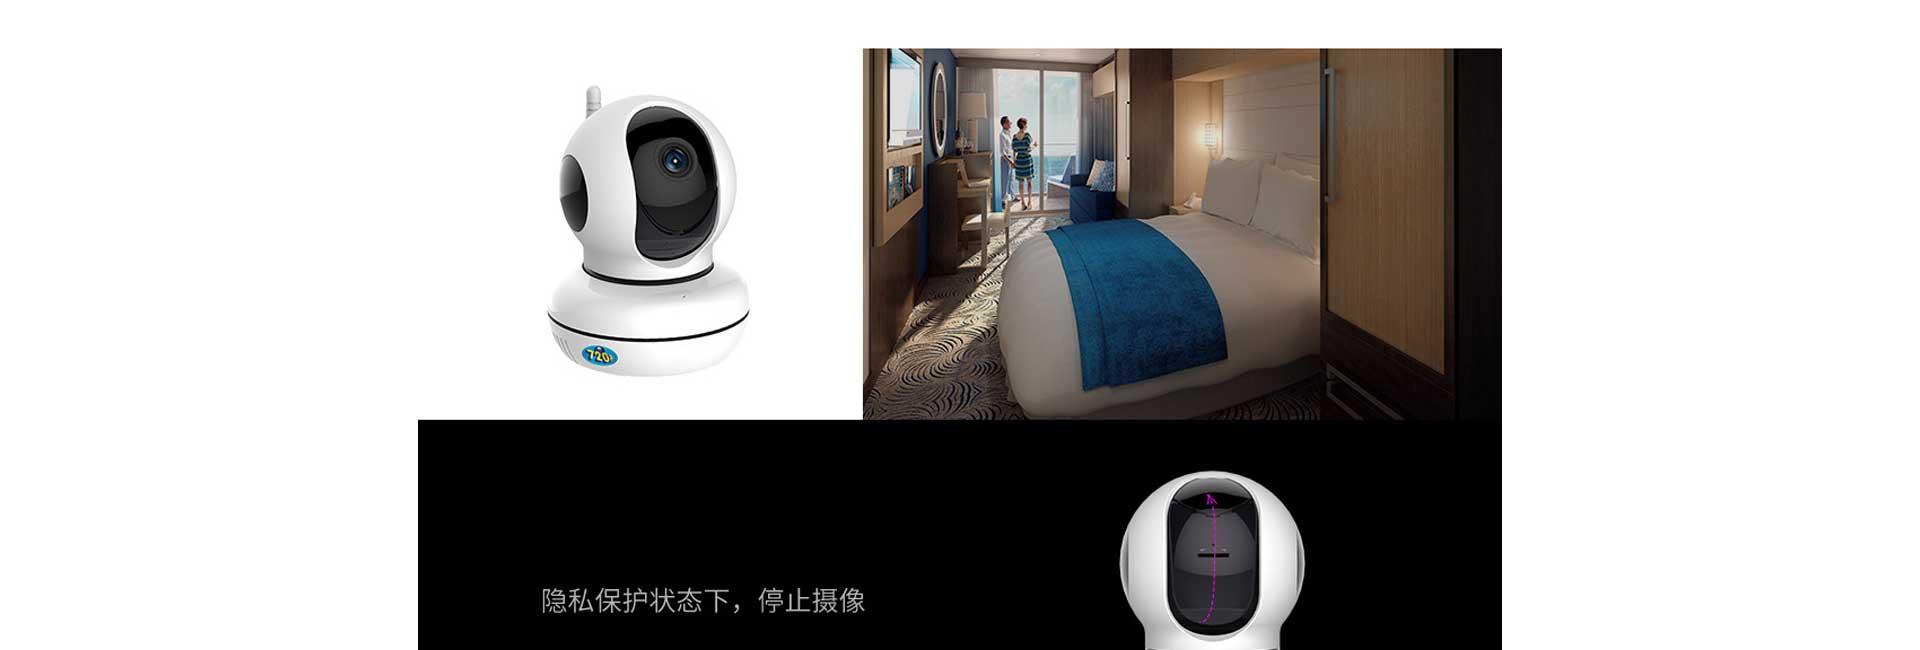 高清网络摄像机-VC104